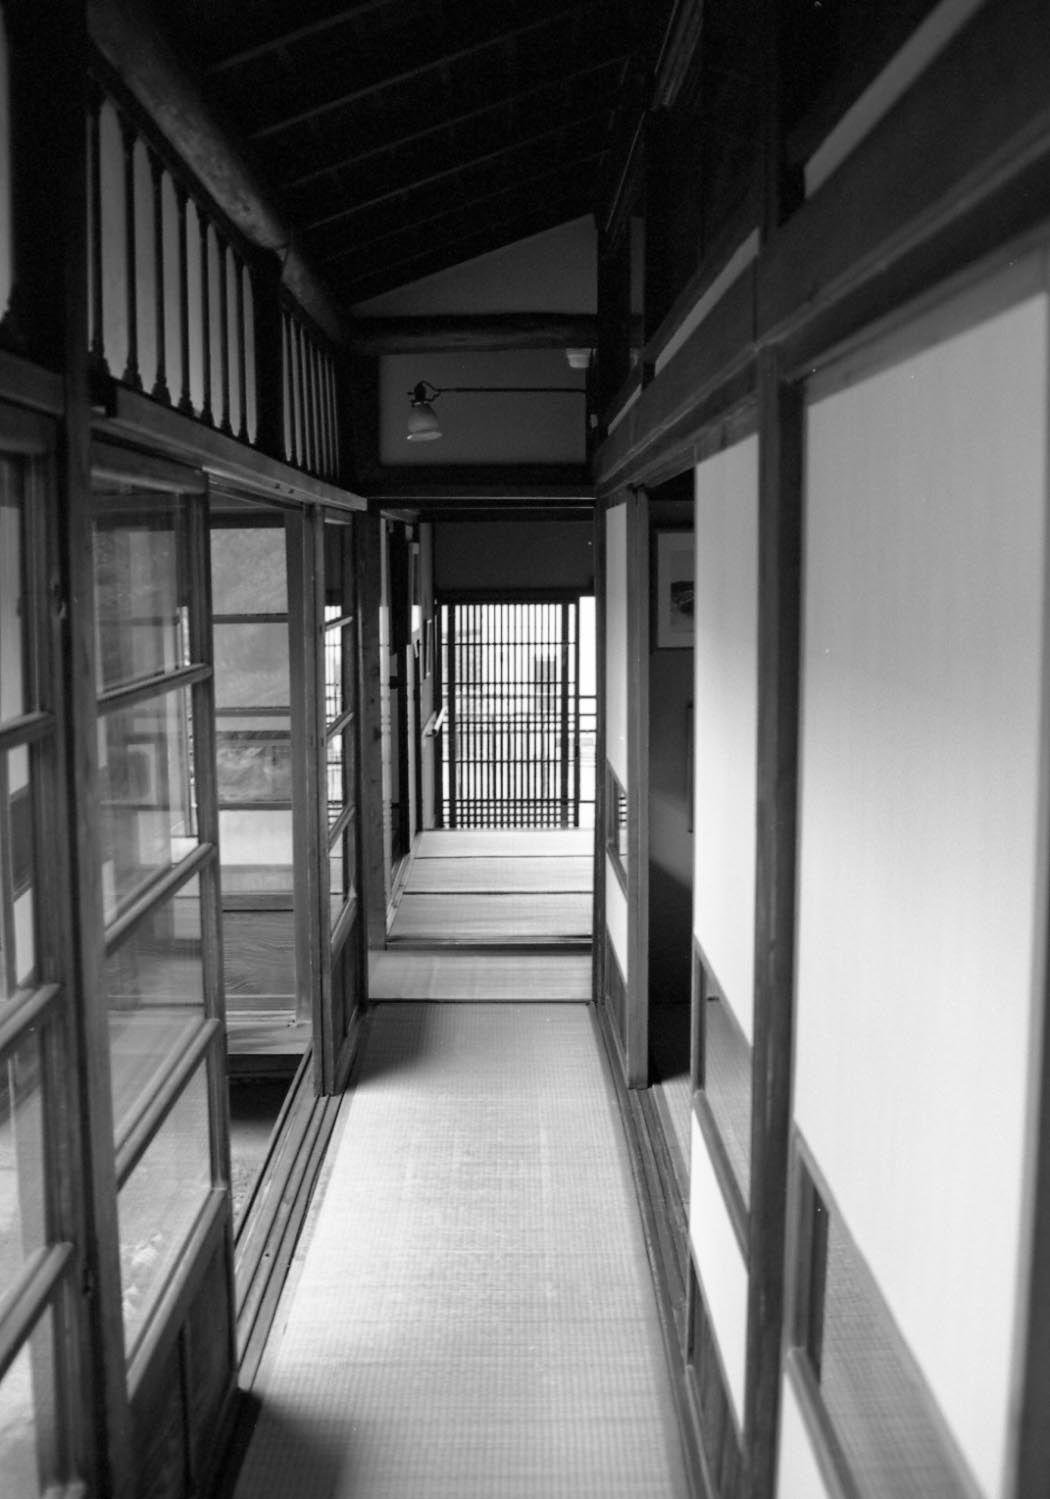 イメージ2 - 愛新覚羅溥傑仮寓・千葉市稲毛区の画像 - kuroyuonsenのブログ - Yahoo!ブログ